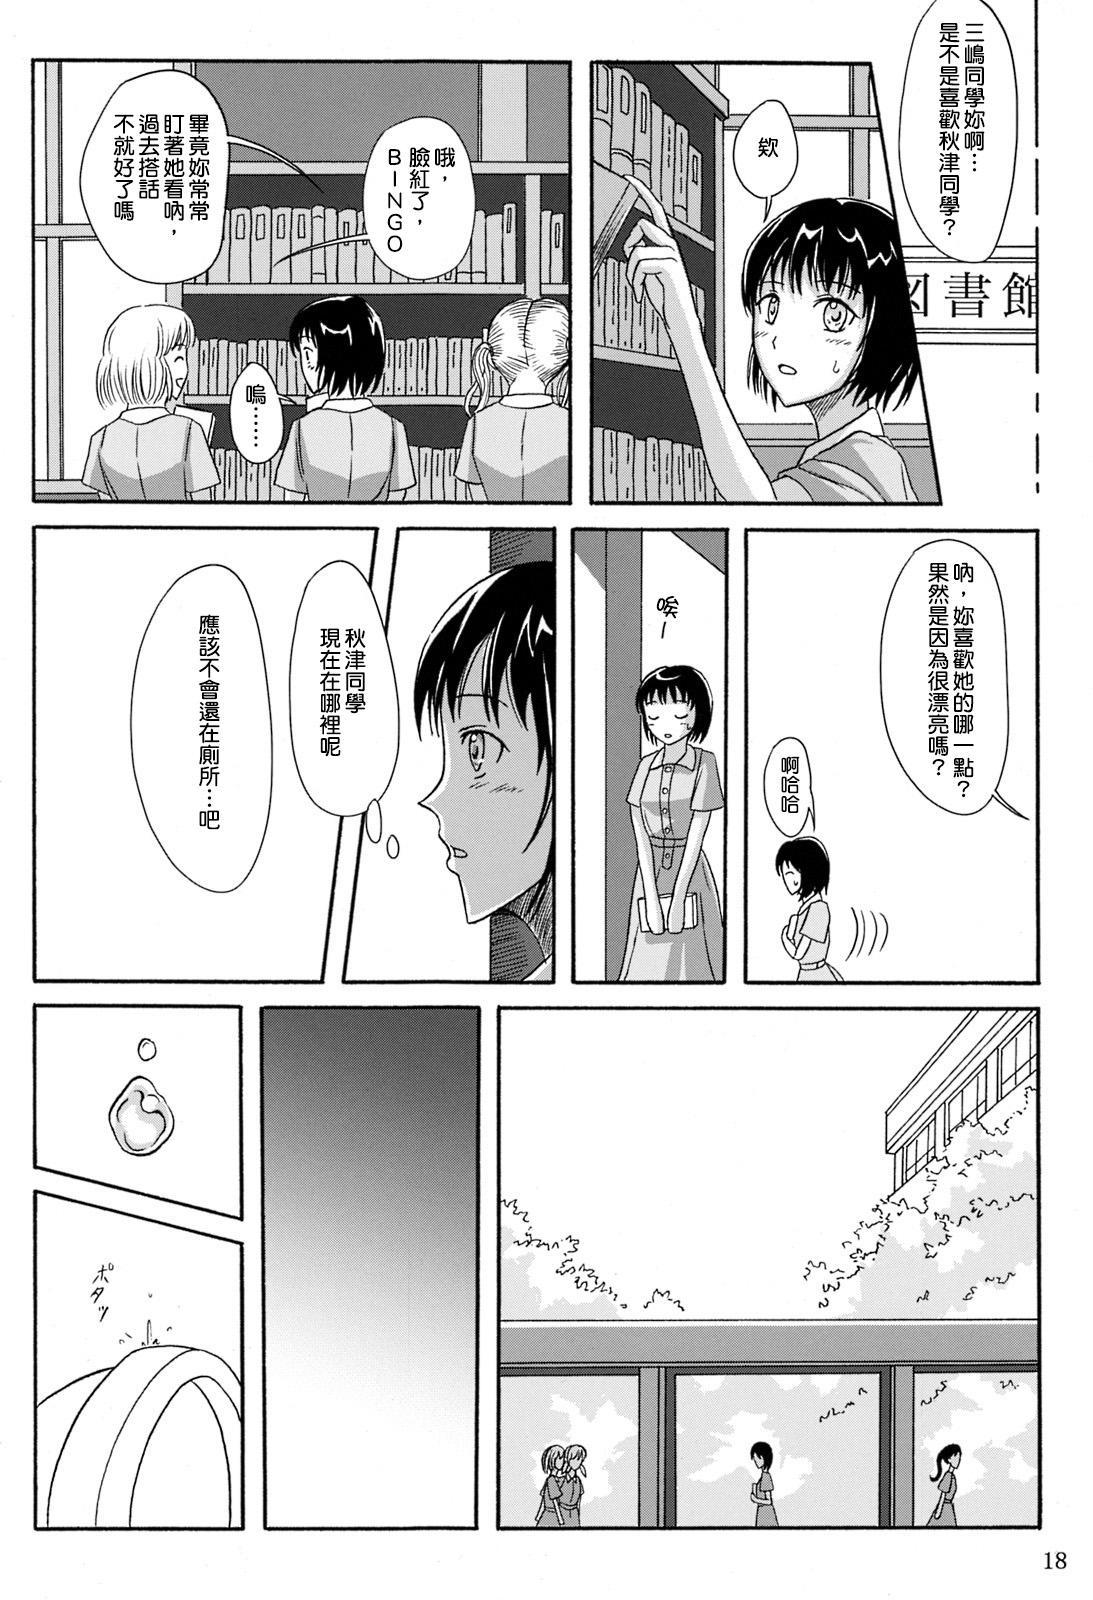 Haisetsu Shoujo Soushuuhen 17